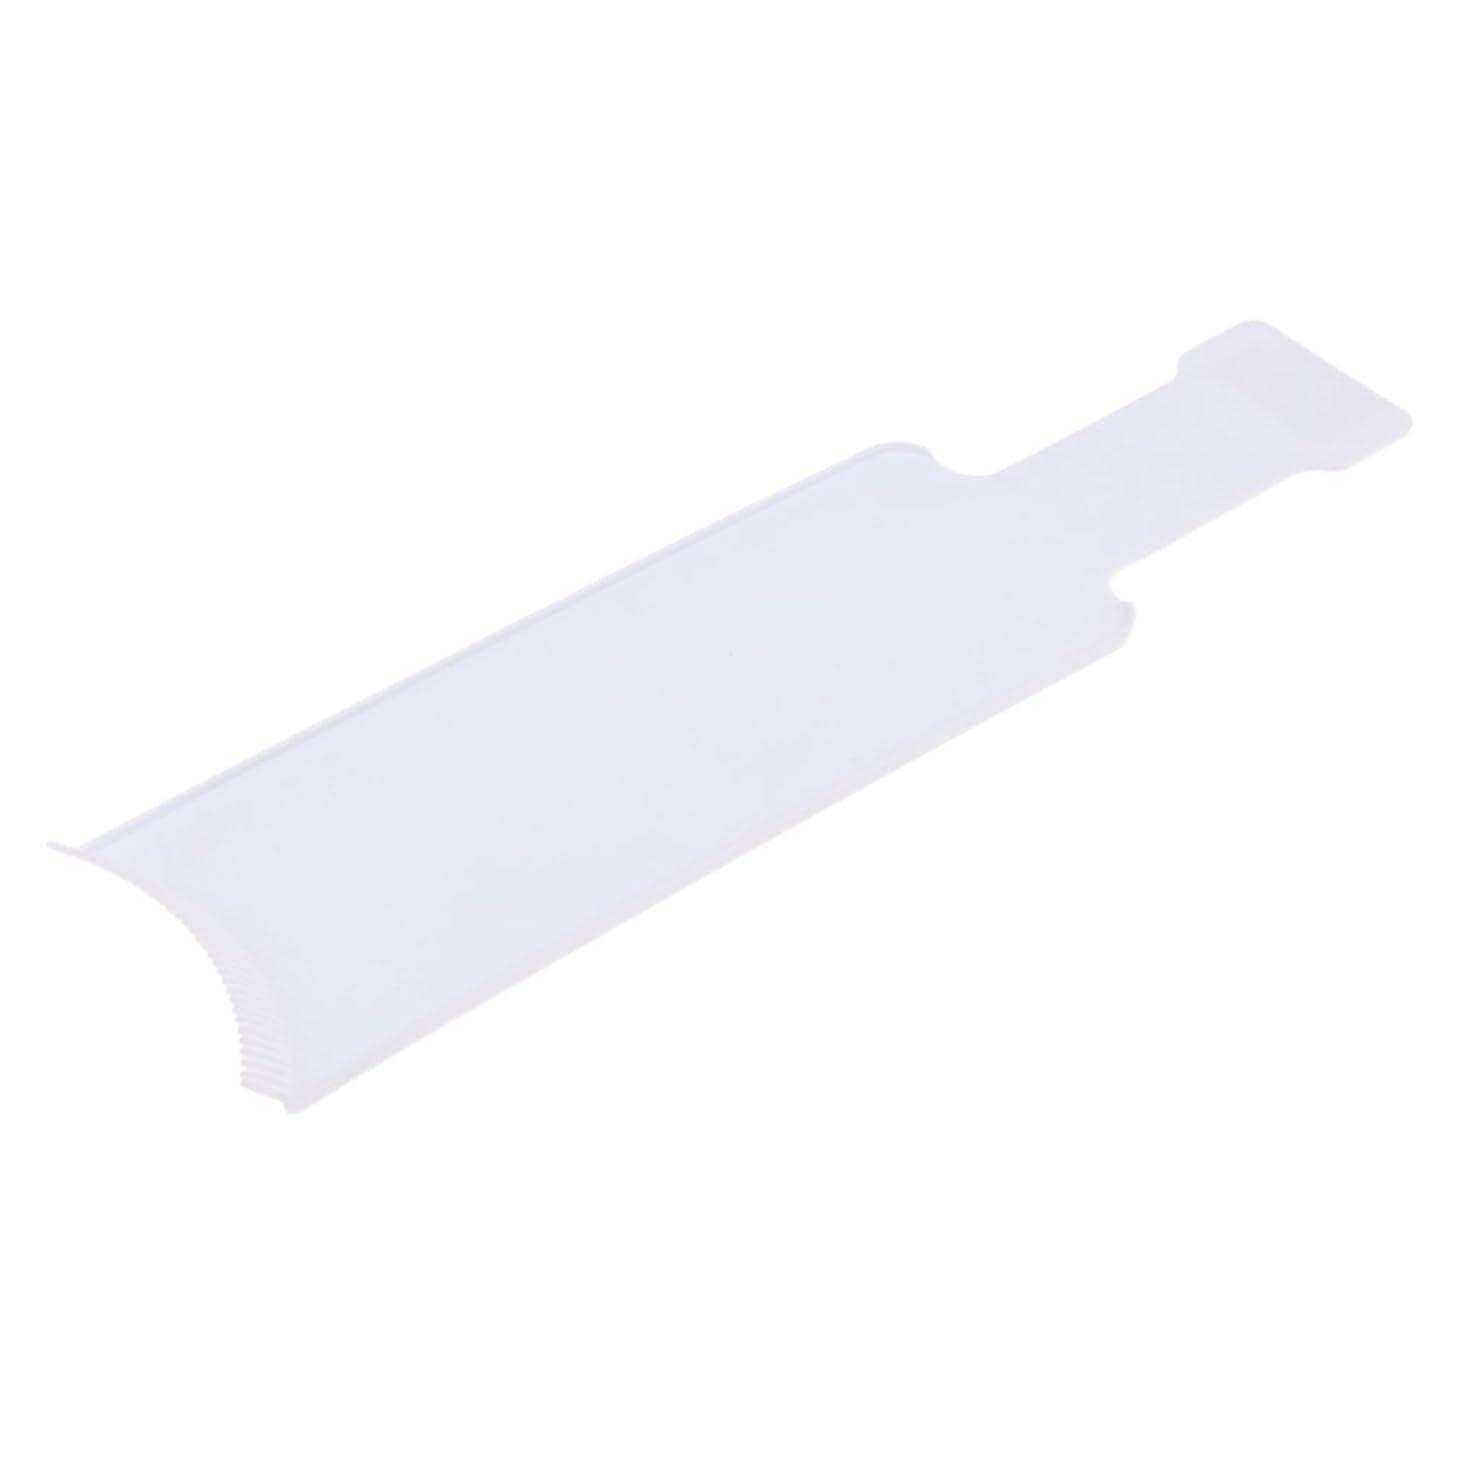 望ましいテーブル生息地Homyl 染色櫛プレート 着色ボード 染めボード ヘアカラー ヘアブラシ 便利 おしゃれ染 2サイズ2色選べる - L, 白